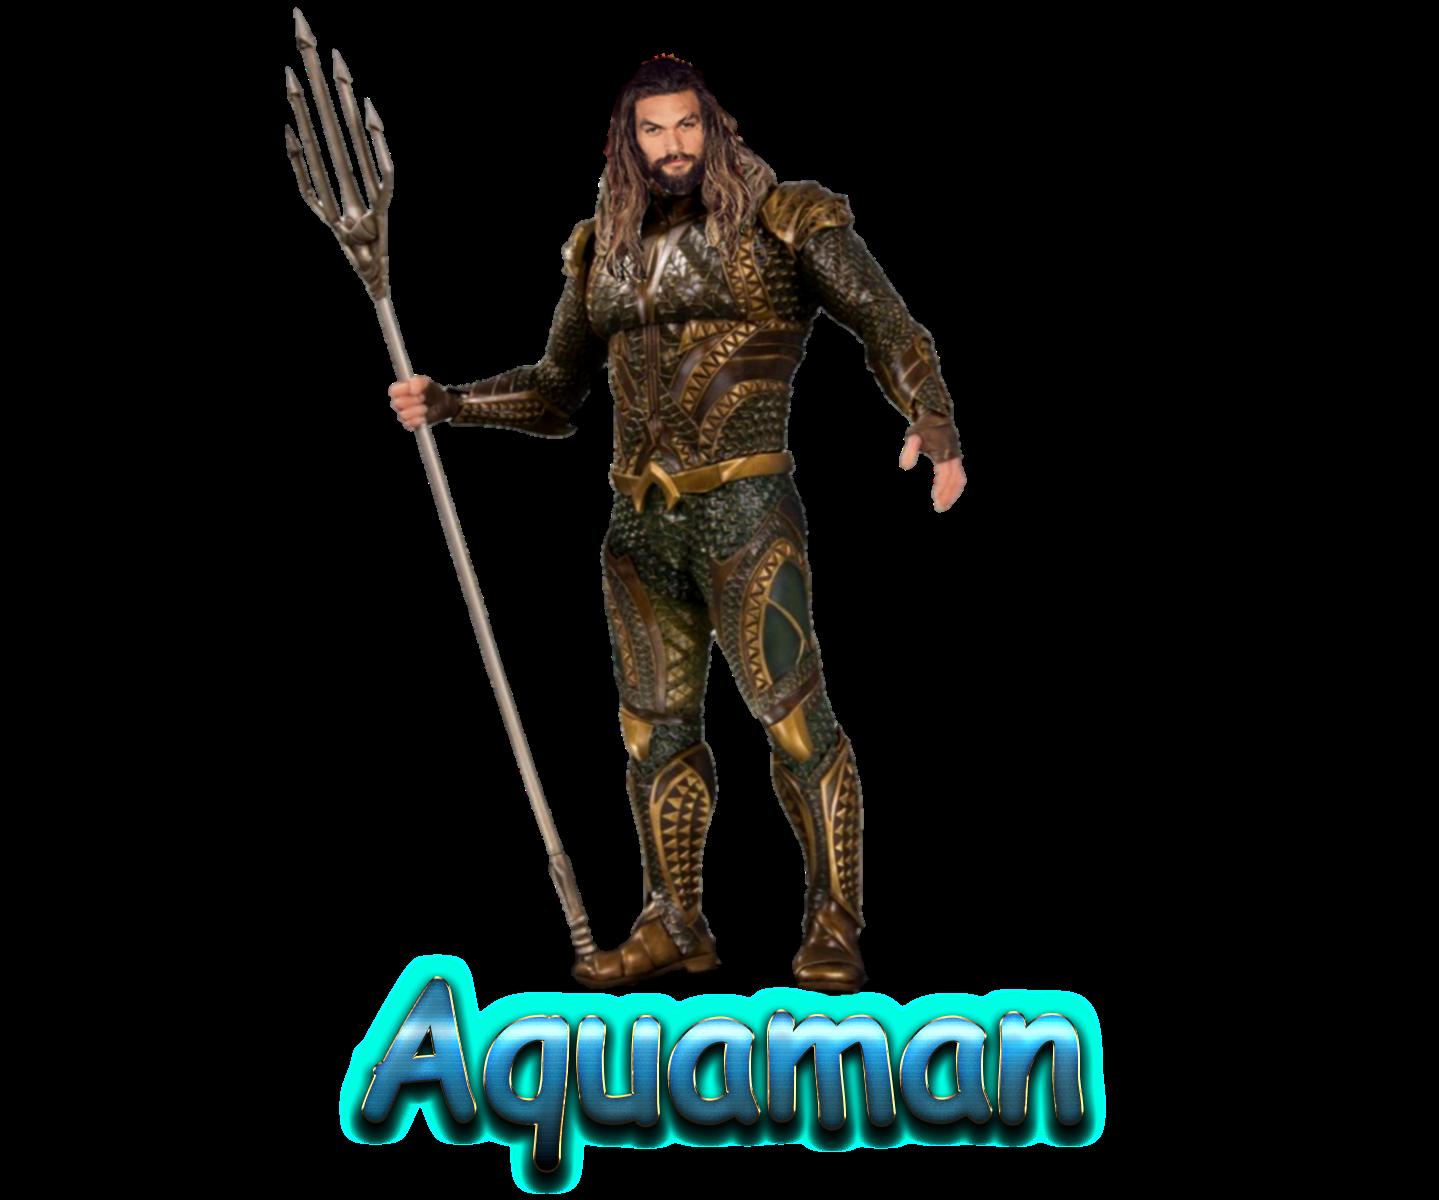 Aquaman Png Images Download.